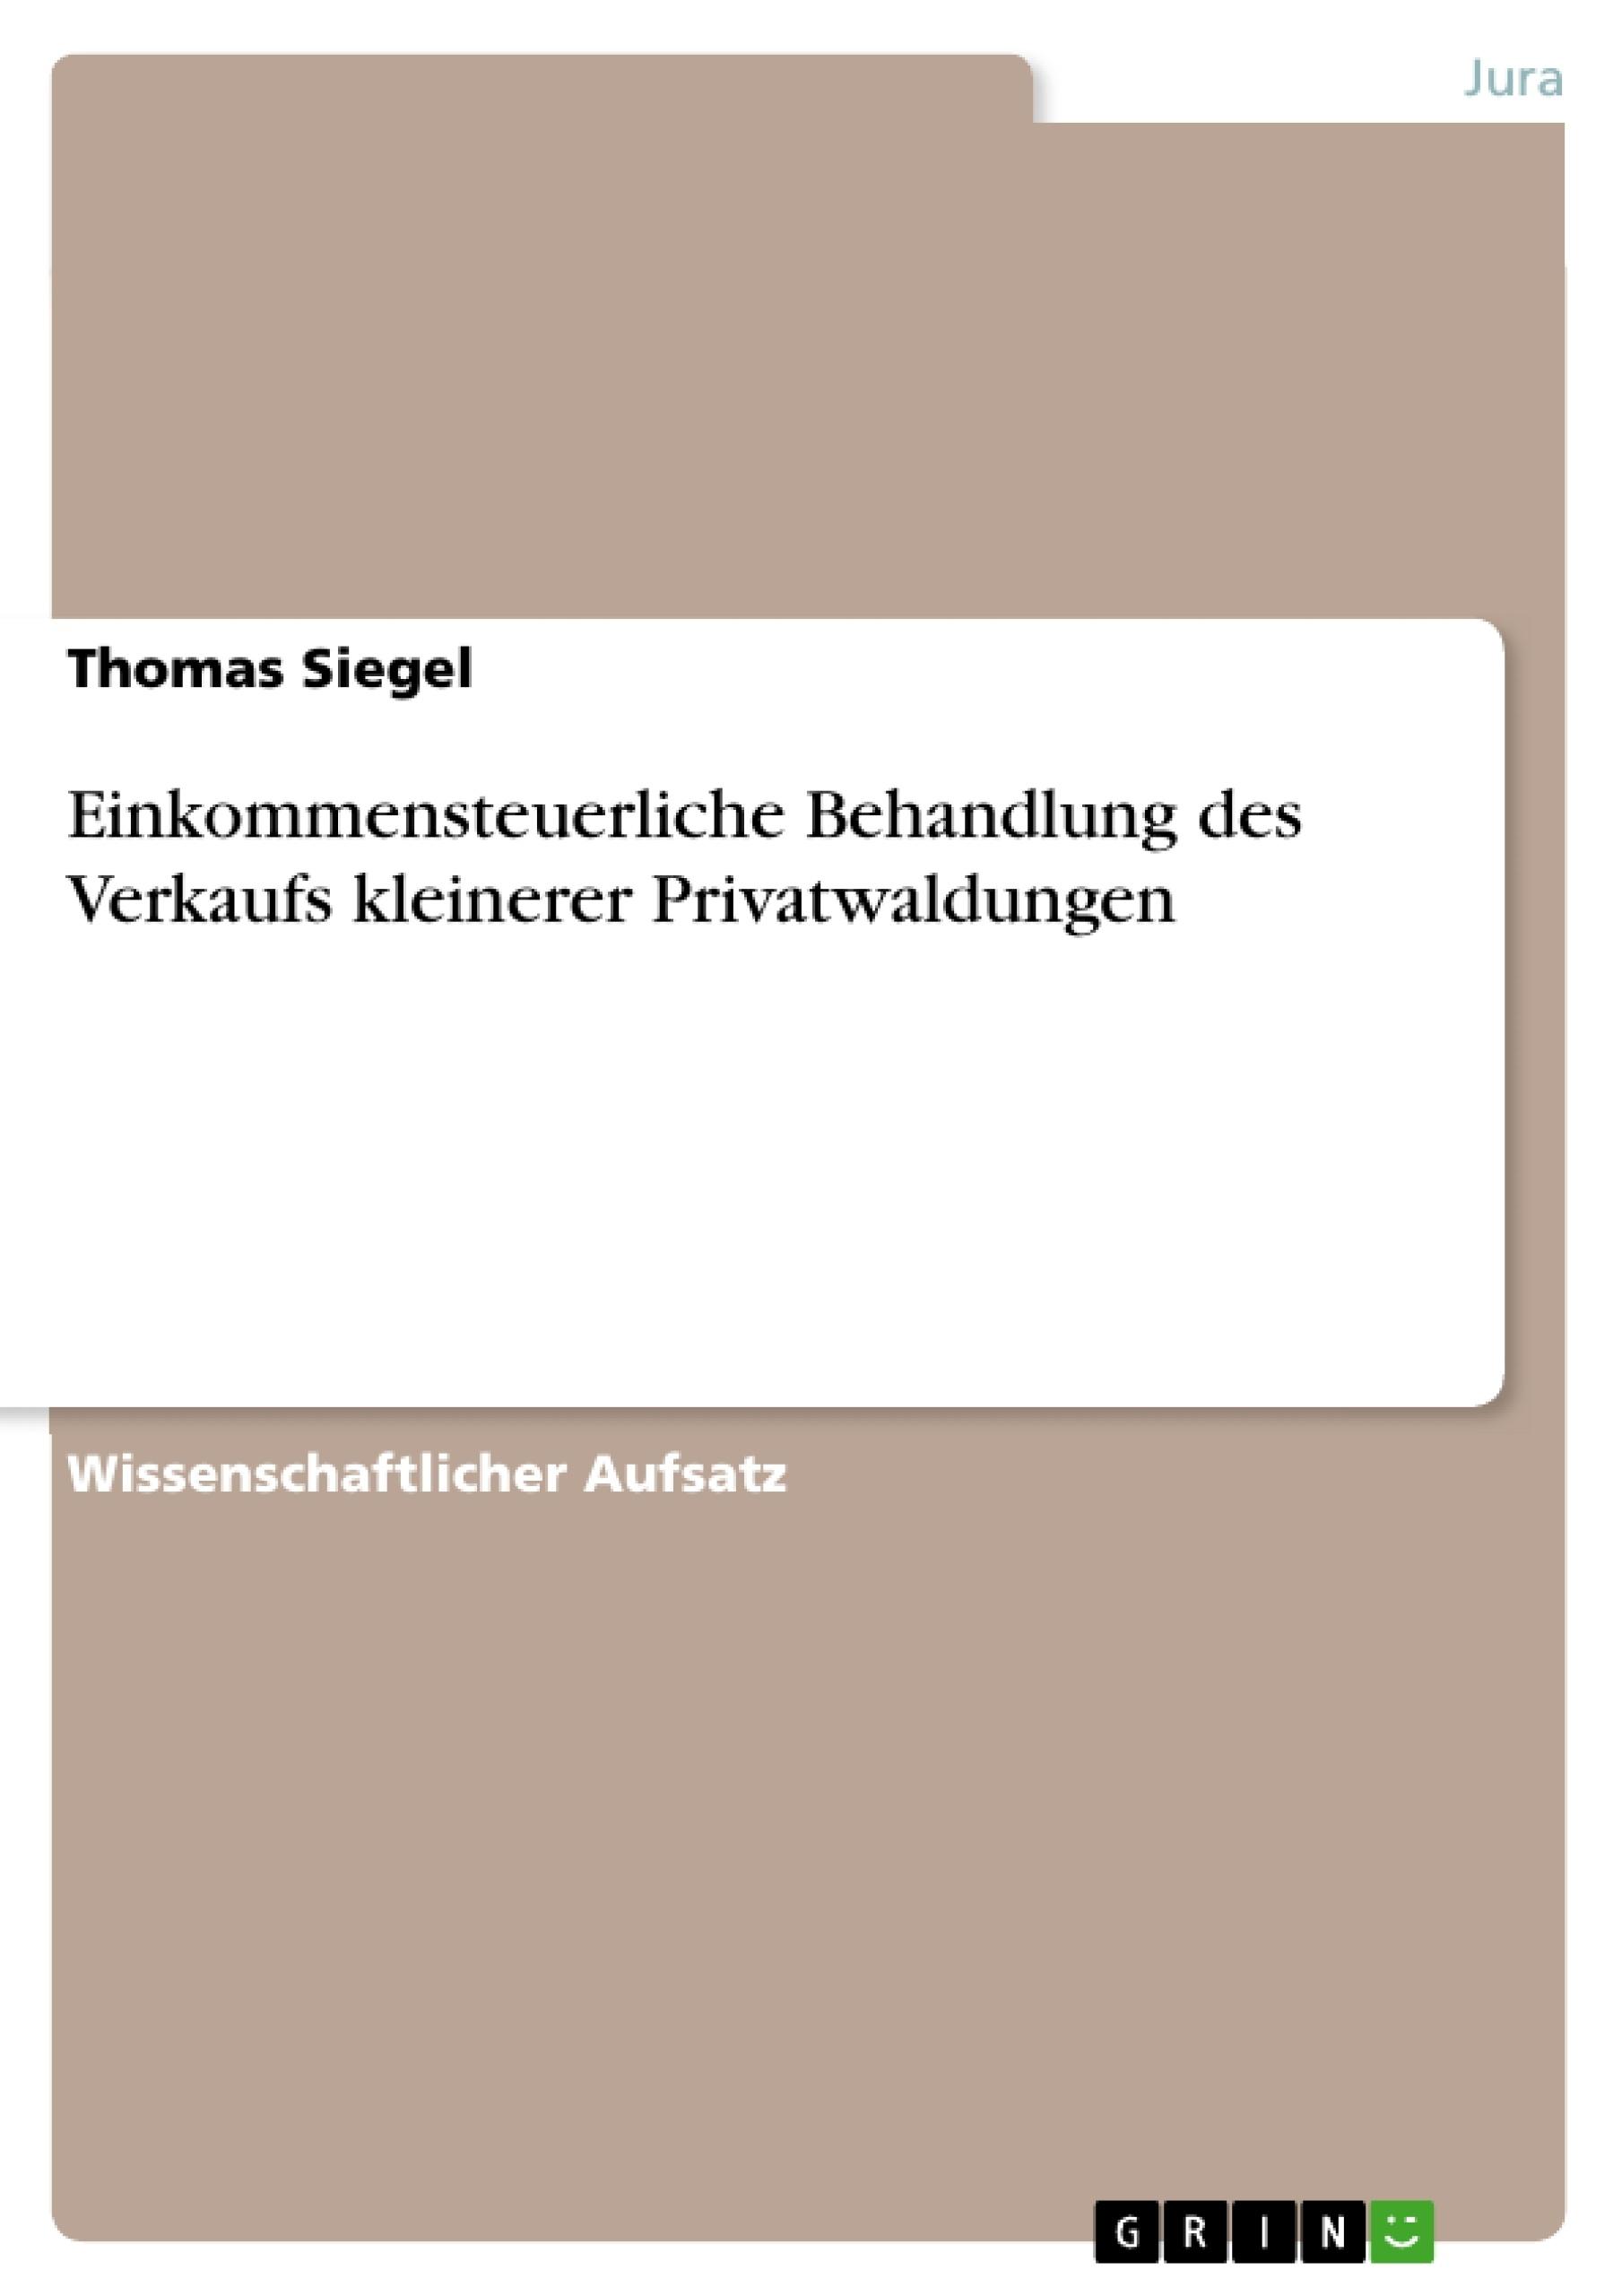 Titel: Einkommensteuerliche Behandlung des Verkaufs kleinerer Privatwaldungen